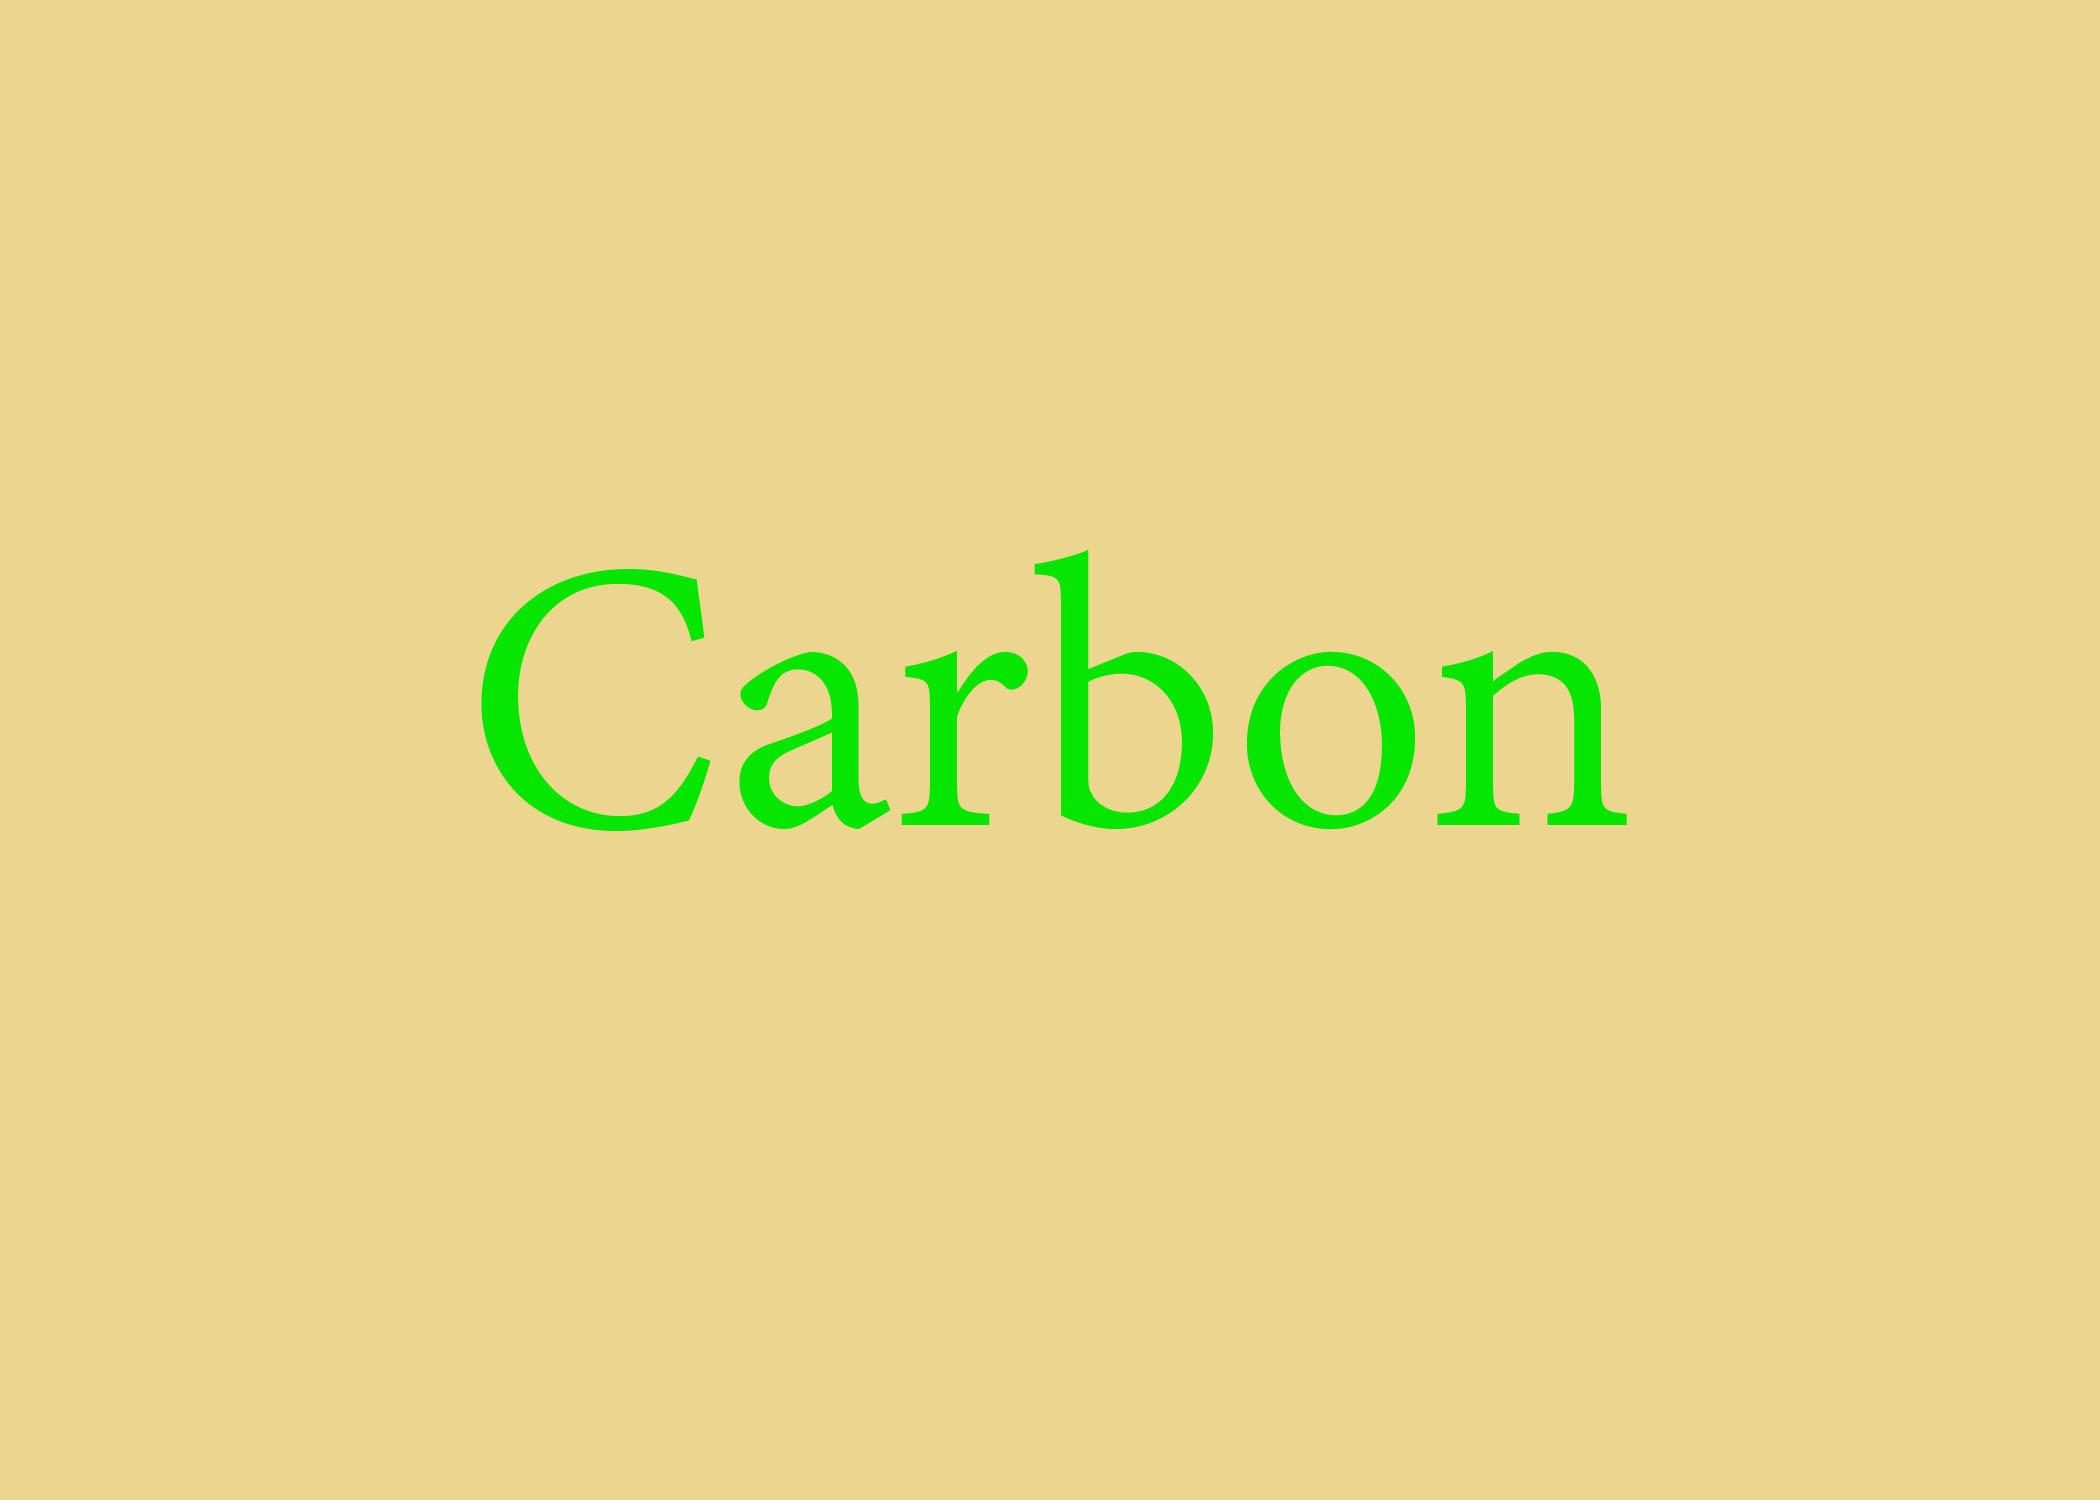 حزمة Carbon التاريخية 😎